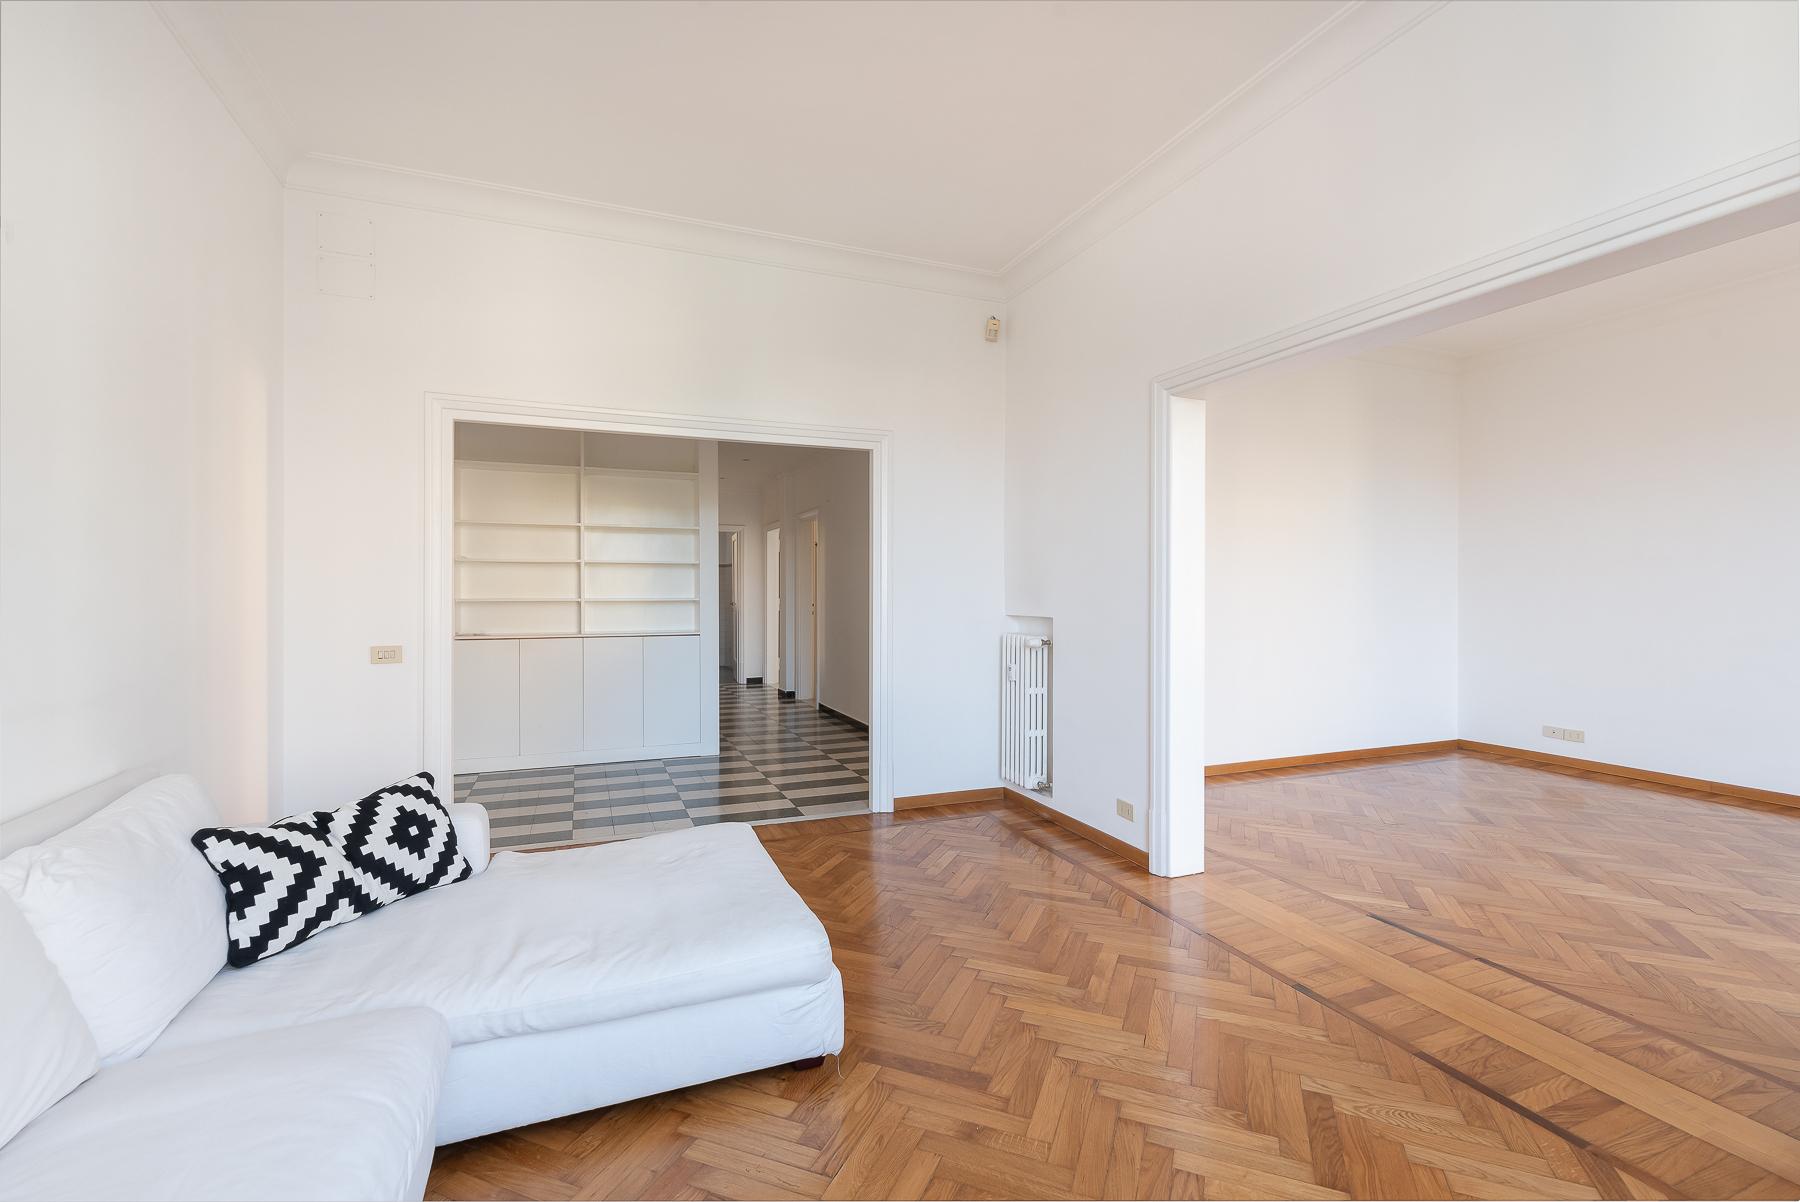 Appartamento in Vendita a Roma: 5 locali, 126 mq - Foto 3